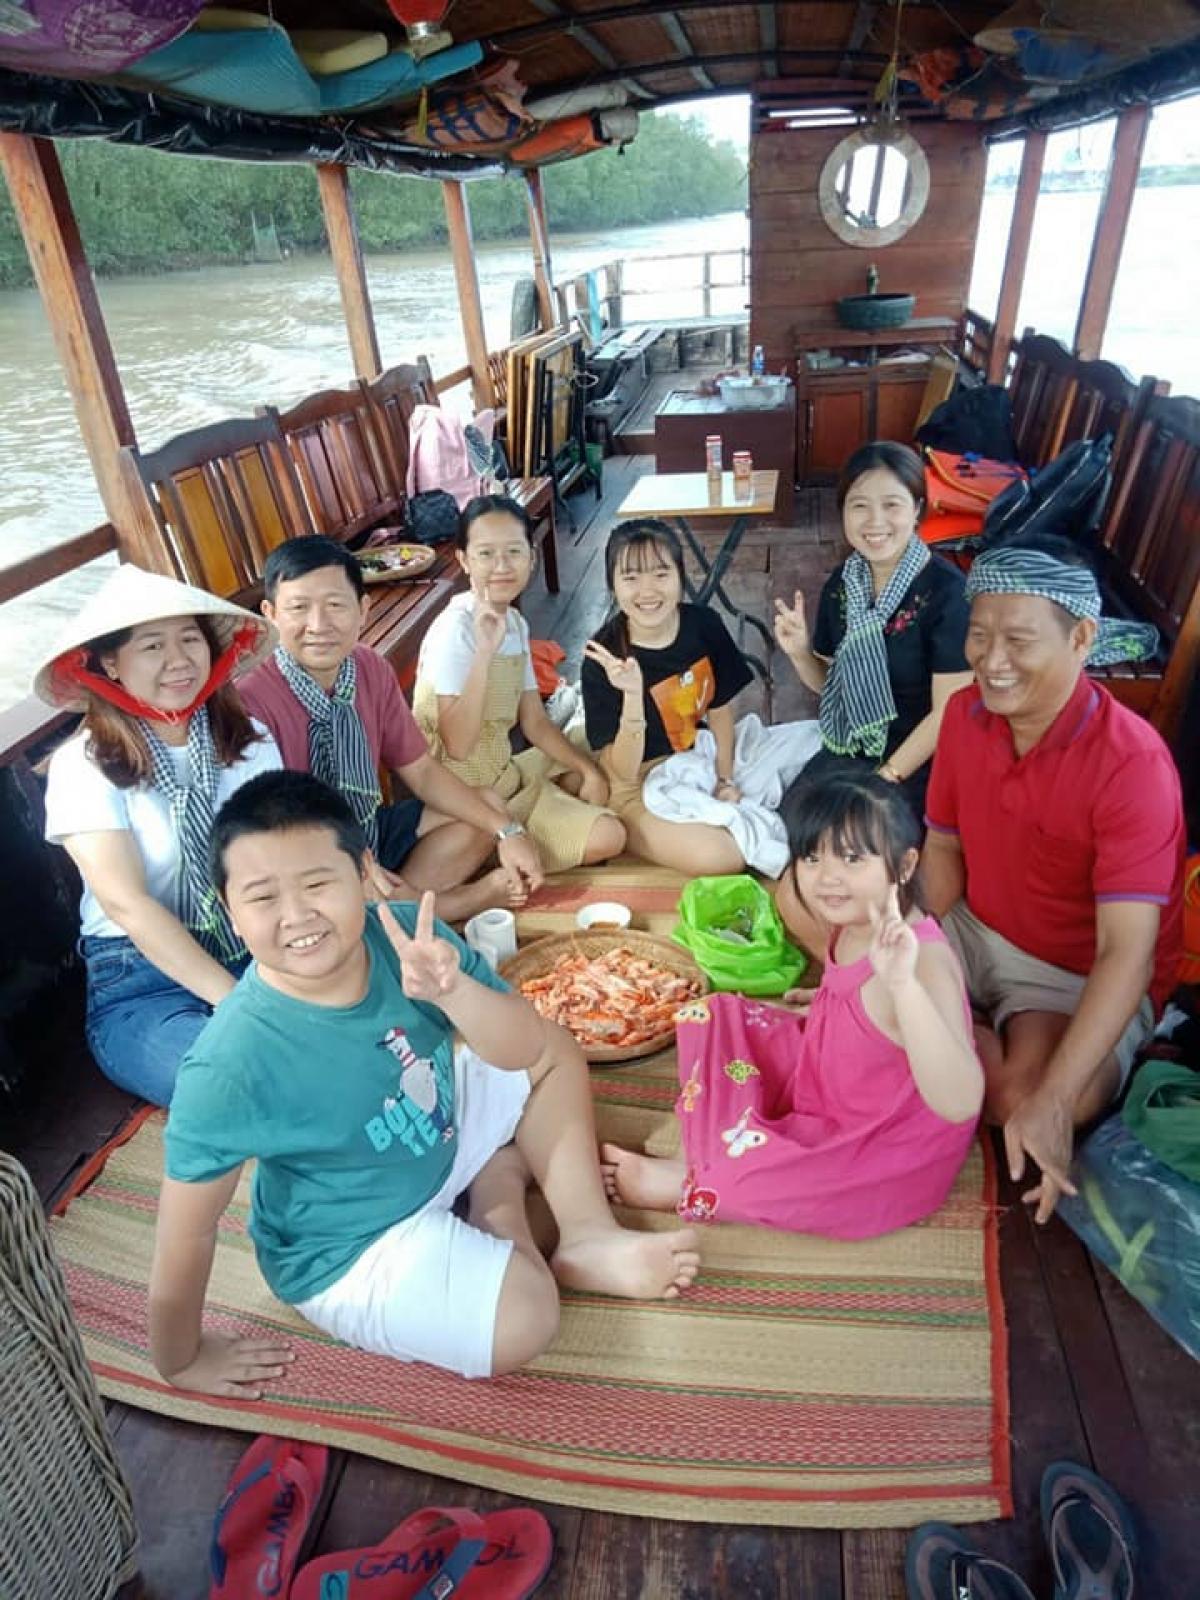 Tiền Giang - Bến Tre: Dịp nghỉ tết dương lịch khách du lịch tăng cao, đảm bảo an toàn Ảnh 2